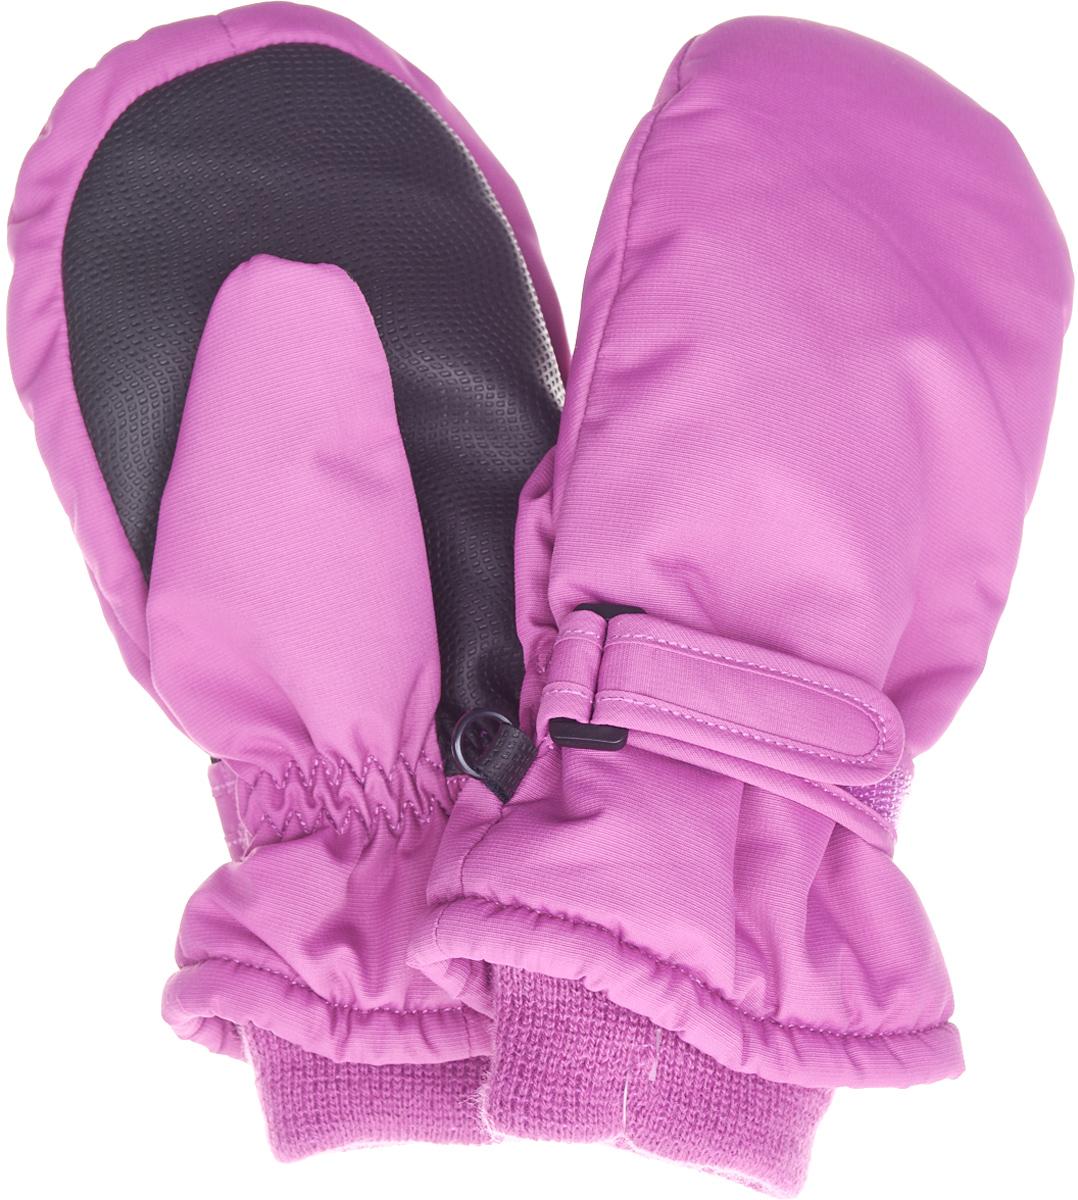 Варежки детские Button Blue, цвет: малиновый. 217BBUA76013100. Размер 14217BBUA76013100Подбирая зимний функциональный гардероб для ребенка, не забудьте купить варежки из плащевки, ведь они - незаменимая вещь для прогулок в морозные дни! Непромокаемая плащевка, утяжка от продувания, протектор для прочности и износостойкости изделия позволят гулять в любую погоду, гарантируя тепло, уют и комфорт.